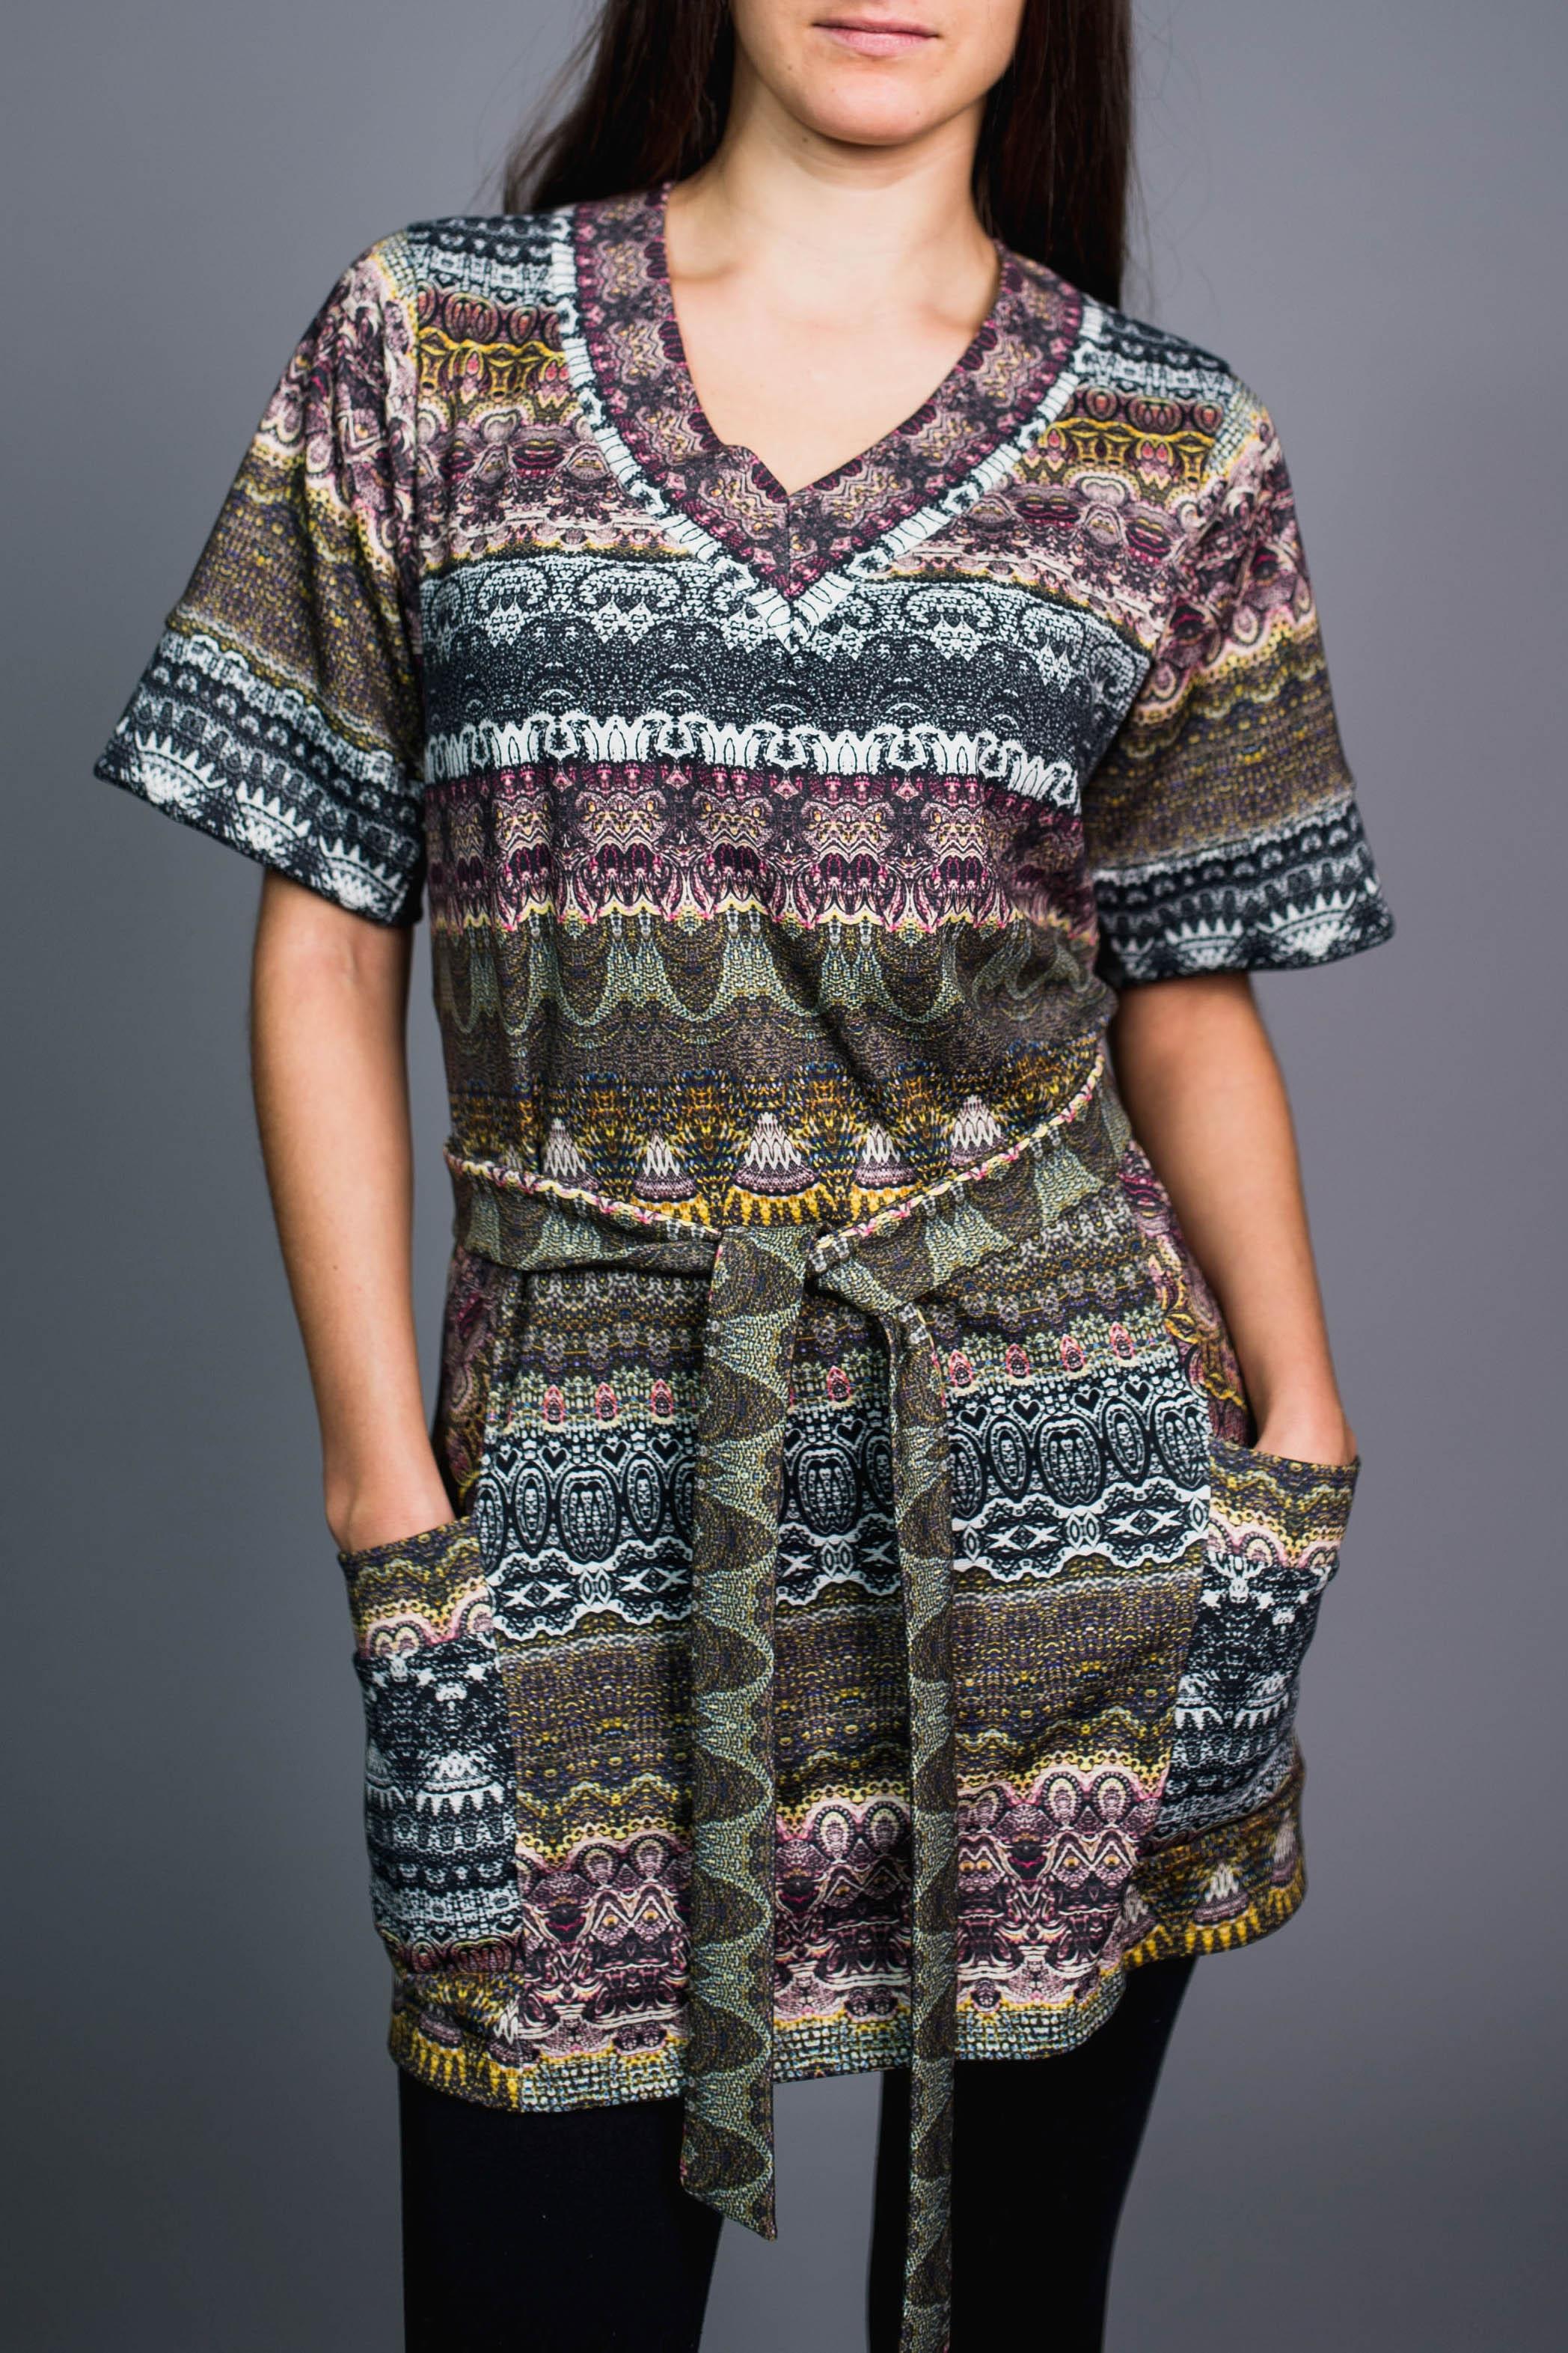 БлузкаТуники<br>Удлиненная блузка с V-образной горловиной и короткими рукавами. Модель выполнена из приятного материала. Отличный выбор для повседневного гардероба.  Блузка без пояса.  В изделии использованы цвета: зеленый, розовый, голубой и др.  Ростовка изделия 170 см.<br><br>Горловина: V- горловина<br>По материалу: Вискоза<br>По рисунку: С принтом,Цветные<br>По силуэту: Полуприталенные<br>По стилю: Повседневный стиль<br>По элементам: С карманами<br>Рукав: До локтя,Короткий рукав<br>По сезону: Осень,Весна<br>Размер : 50,52<br>Материал: Вискоза<br>Количество в наличии: 2